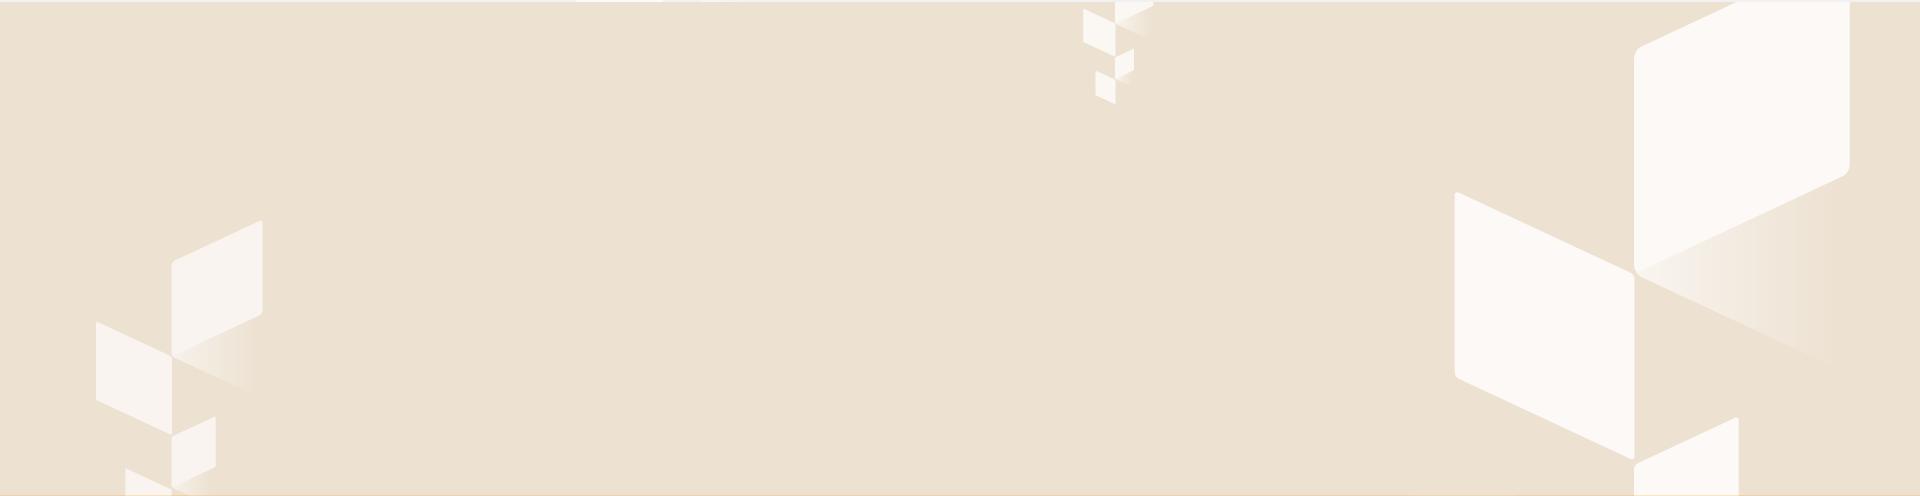 2021_layoutC_Shopify-02.png